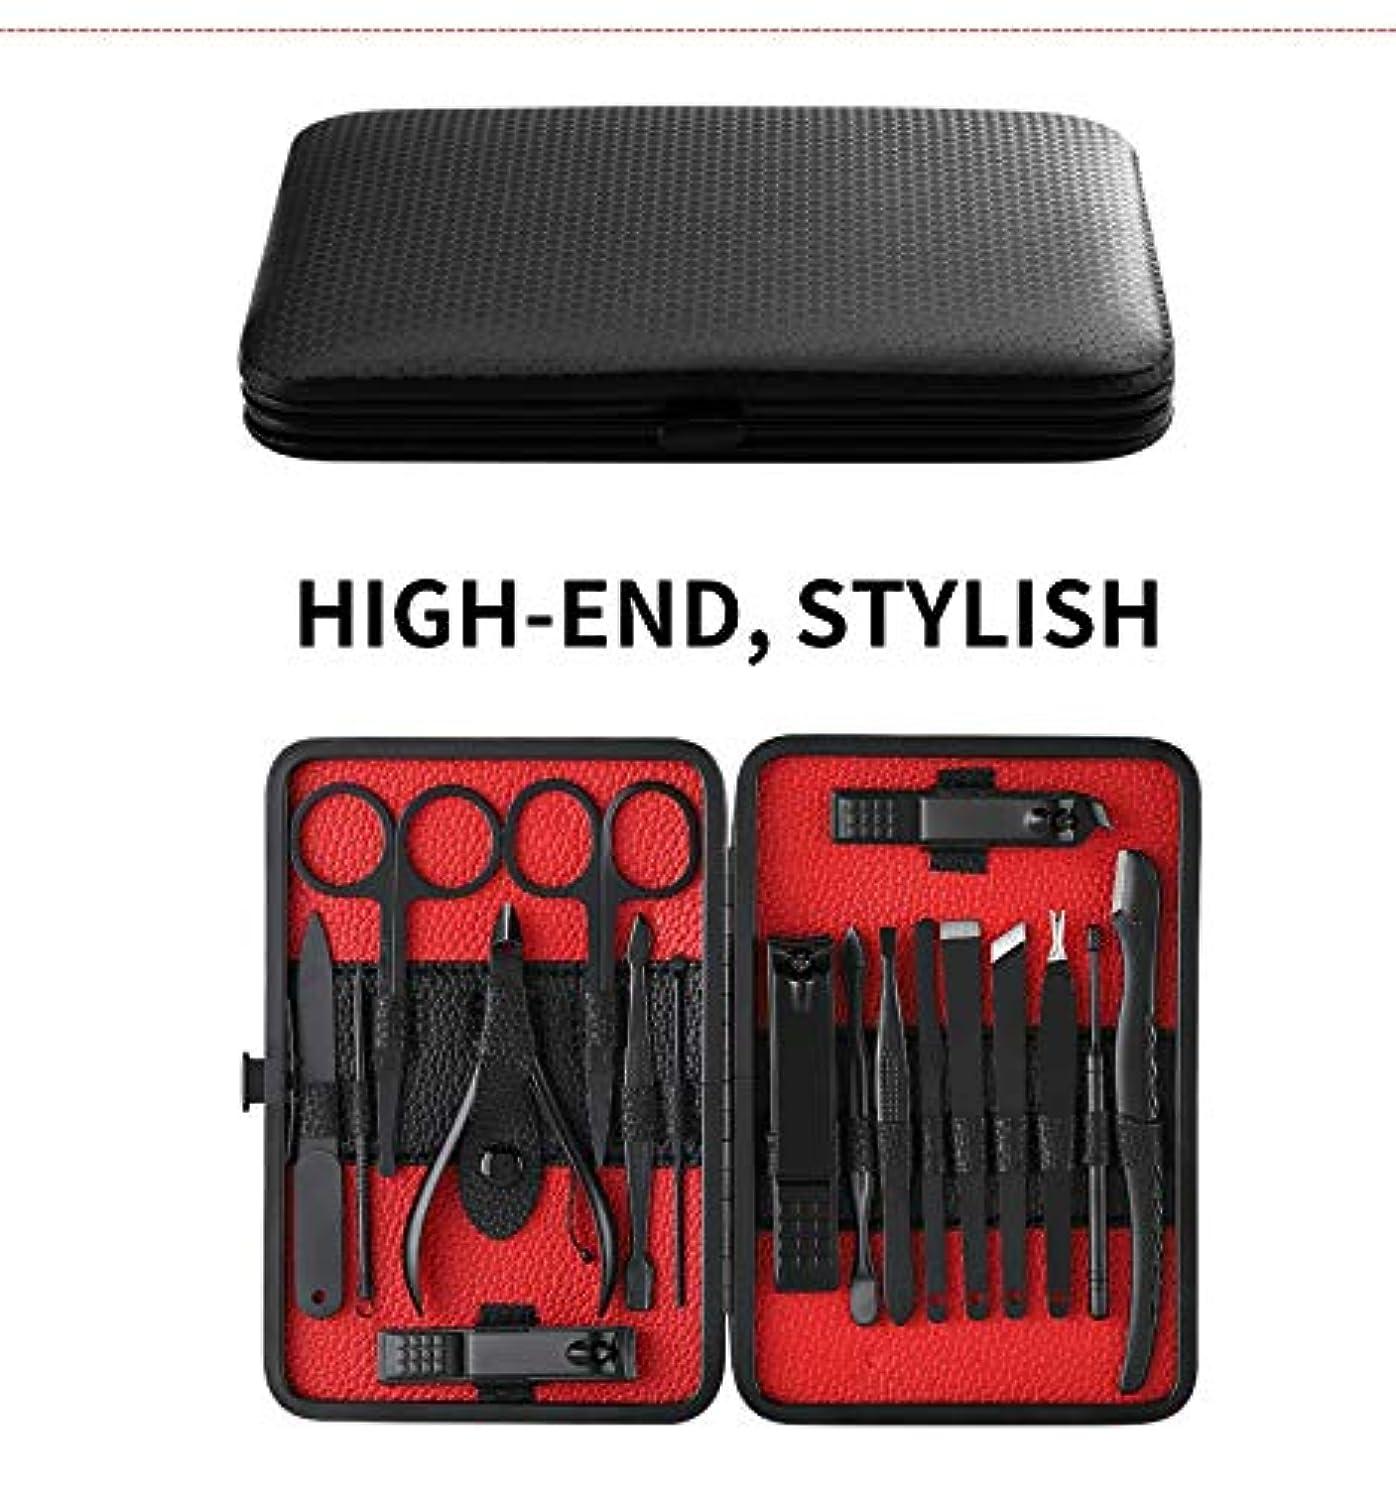 すごいシルクベアリング18pcs Manicure Set Nail Clippers Kit Pedicure Care Tools Black Men Grooming Kit With Black PU Leather Case for...